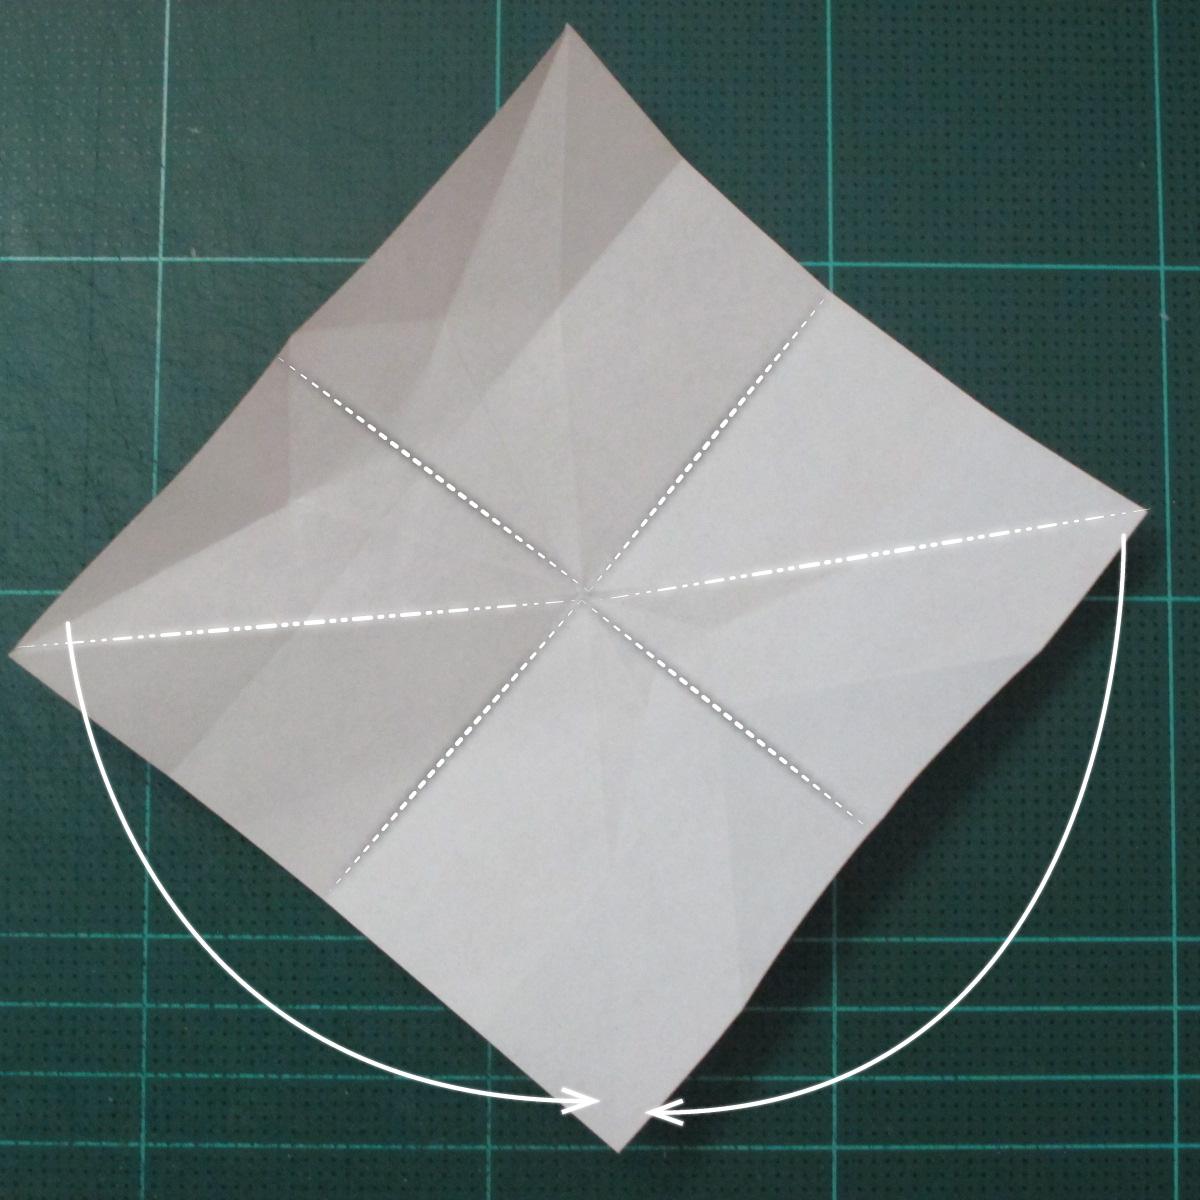 วิธีพับกระดาษเป็นที่คั่นหนังสือรูปผีเสื้อ (Origami Butterfly Bookmark) 015